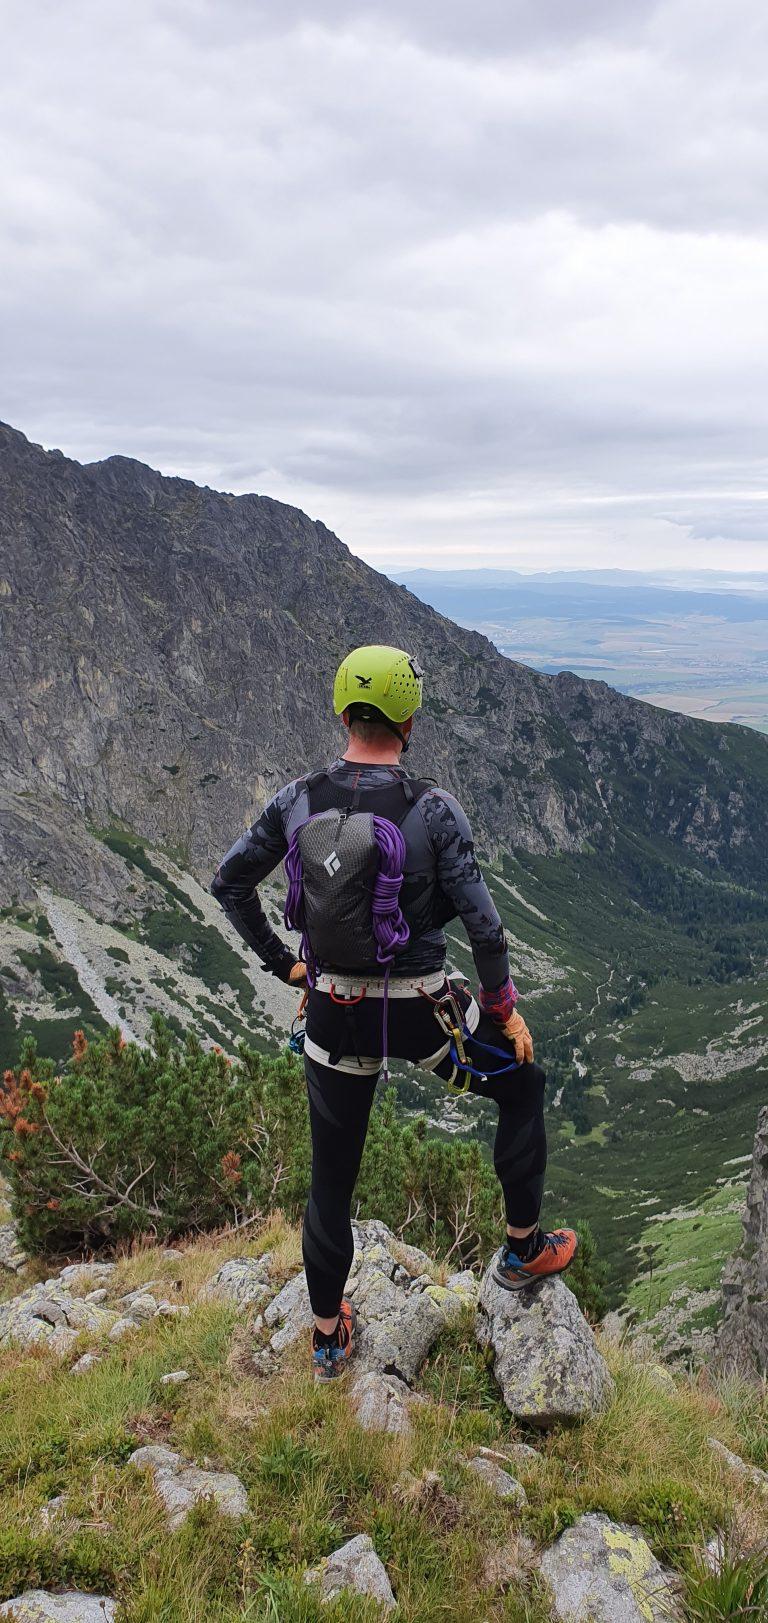 Mały Wielki plecak górski Distance 8